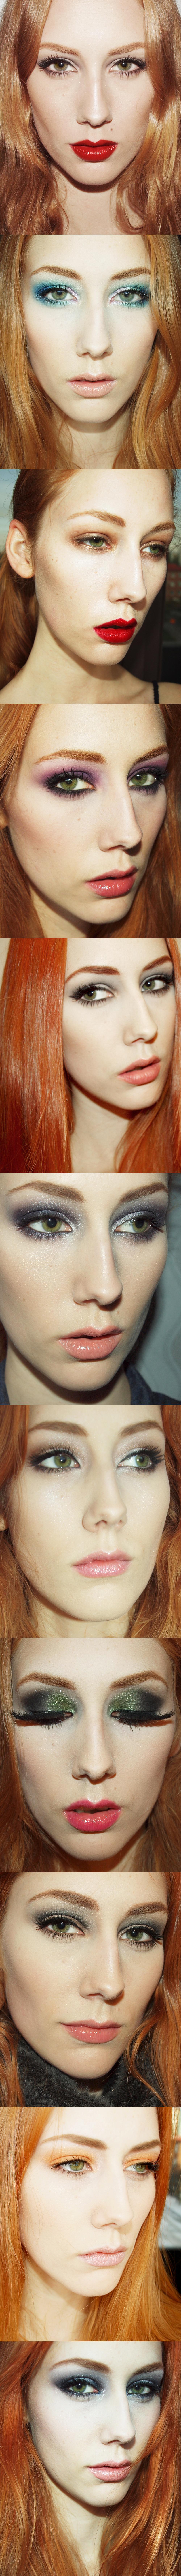 makeup201112